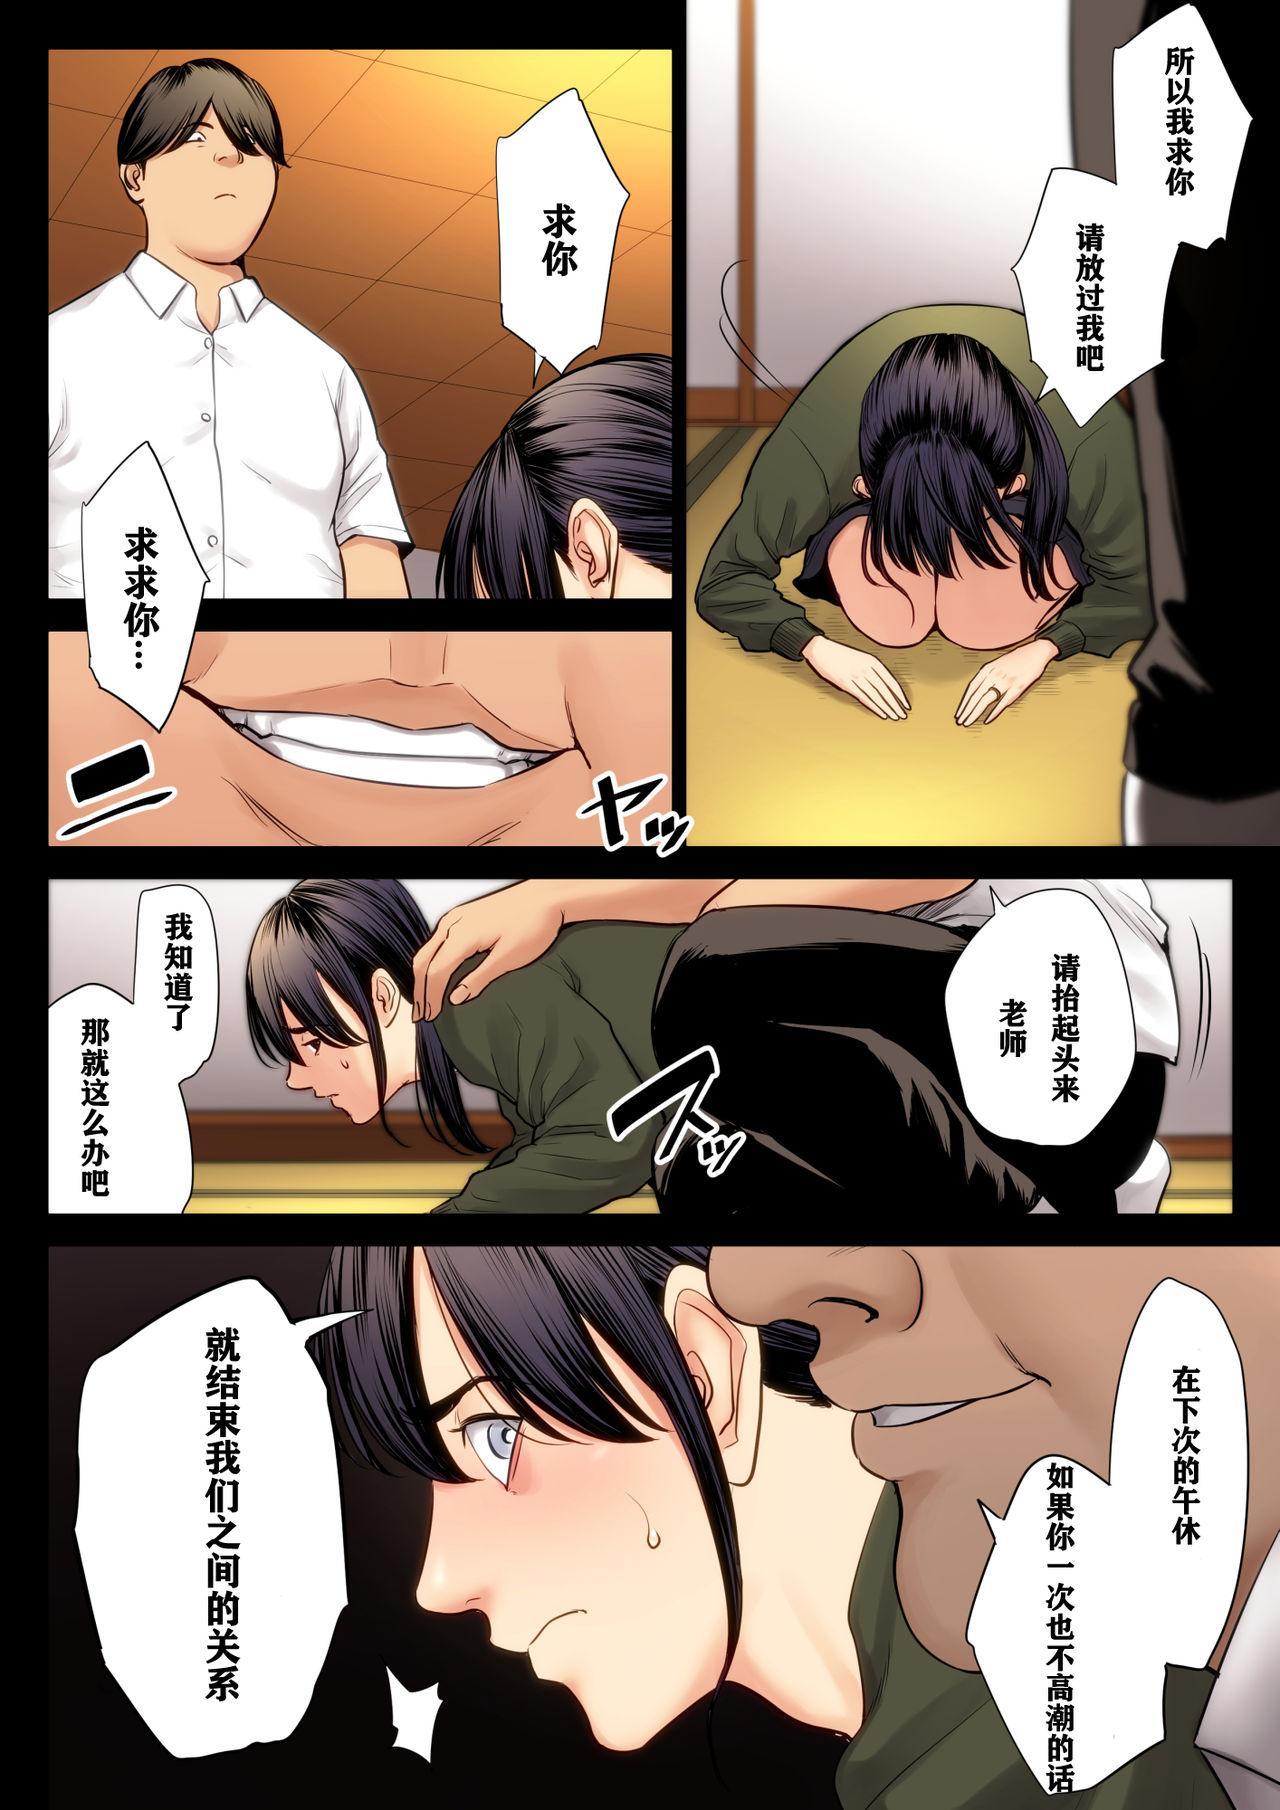 Hametsu no Itte 3 28